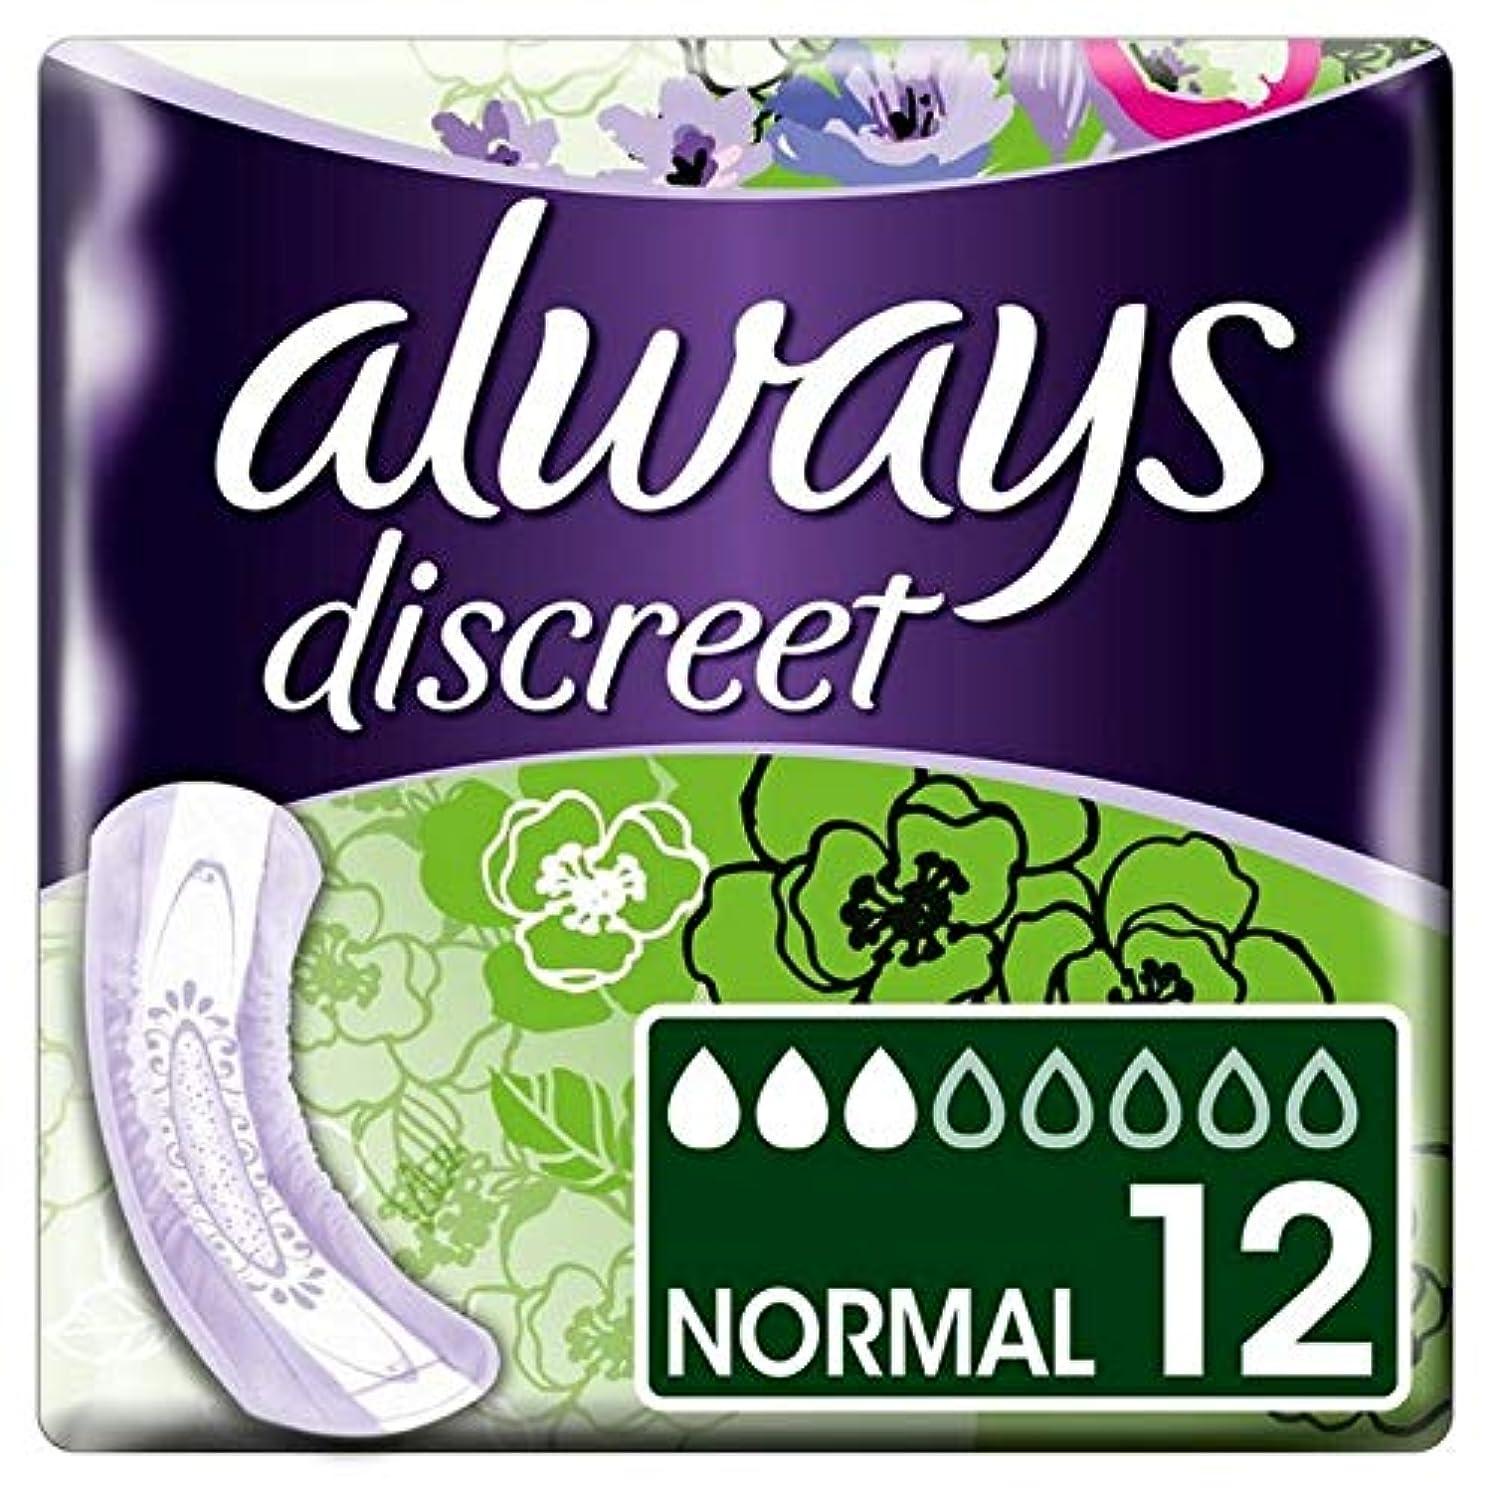 比較的ピットファイアル[Always] パックあたり12通常、常に控えめ失禁パッド - Always Discreet Incontinence Pads Normal 12 per pack [並行輸入品]